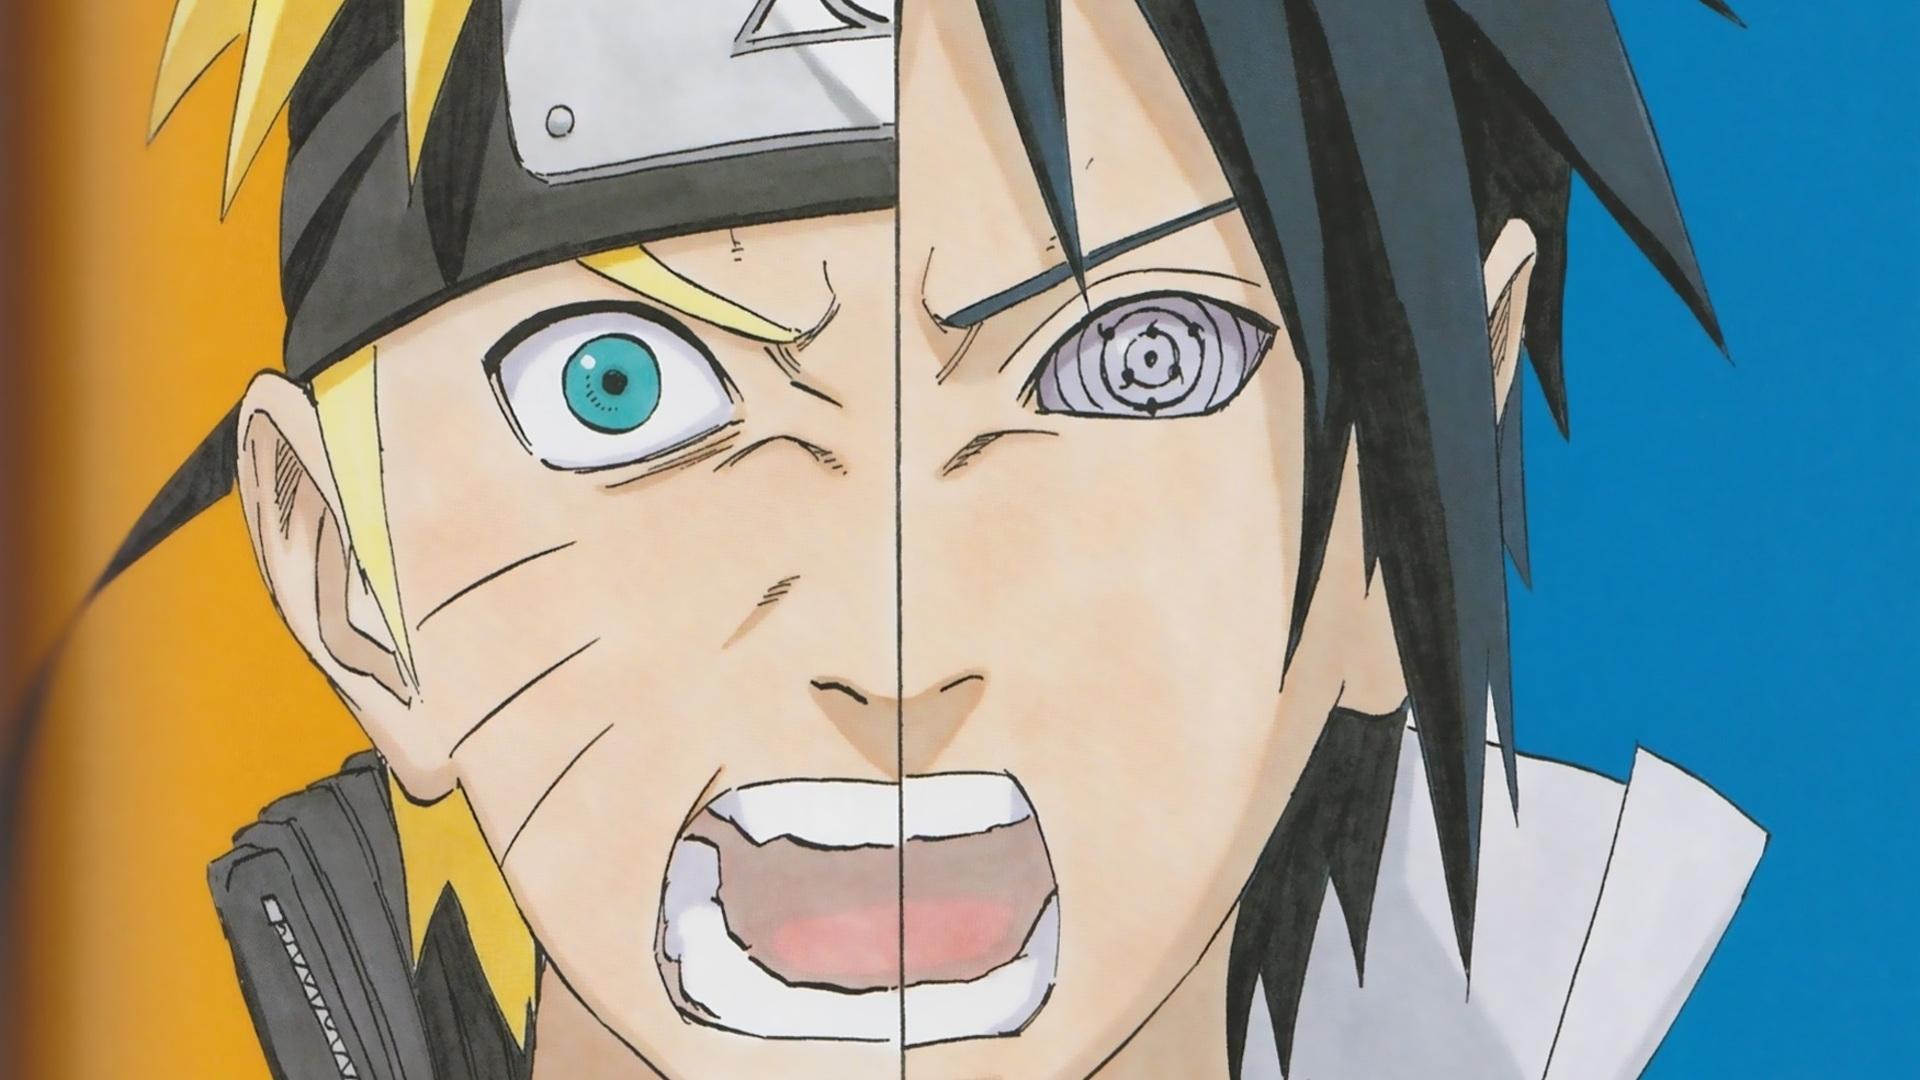 sasuke uchiha and naruto uzumaki bGVmamuUmZqaraWkpJRmbmdlrWZlbWU